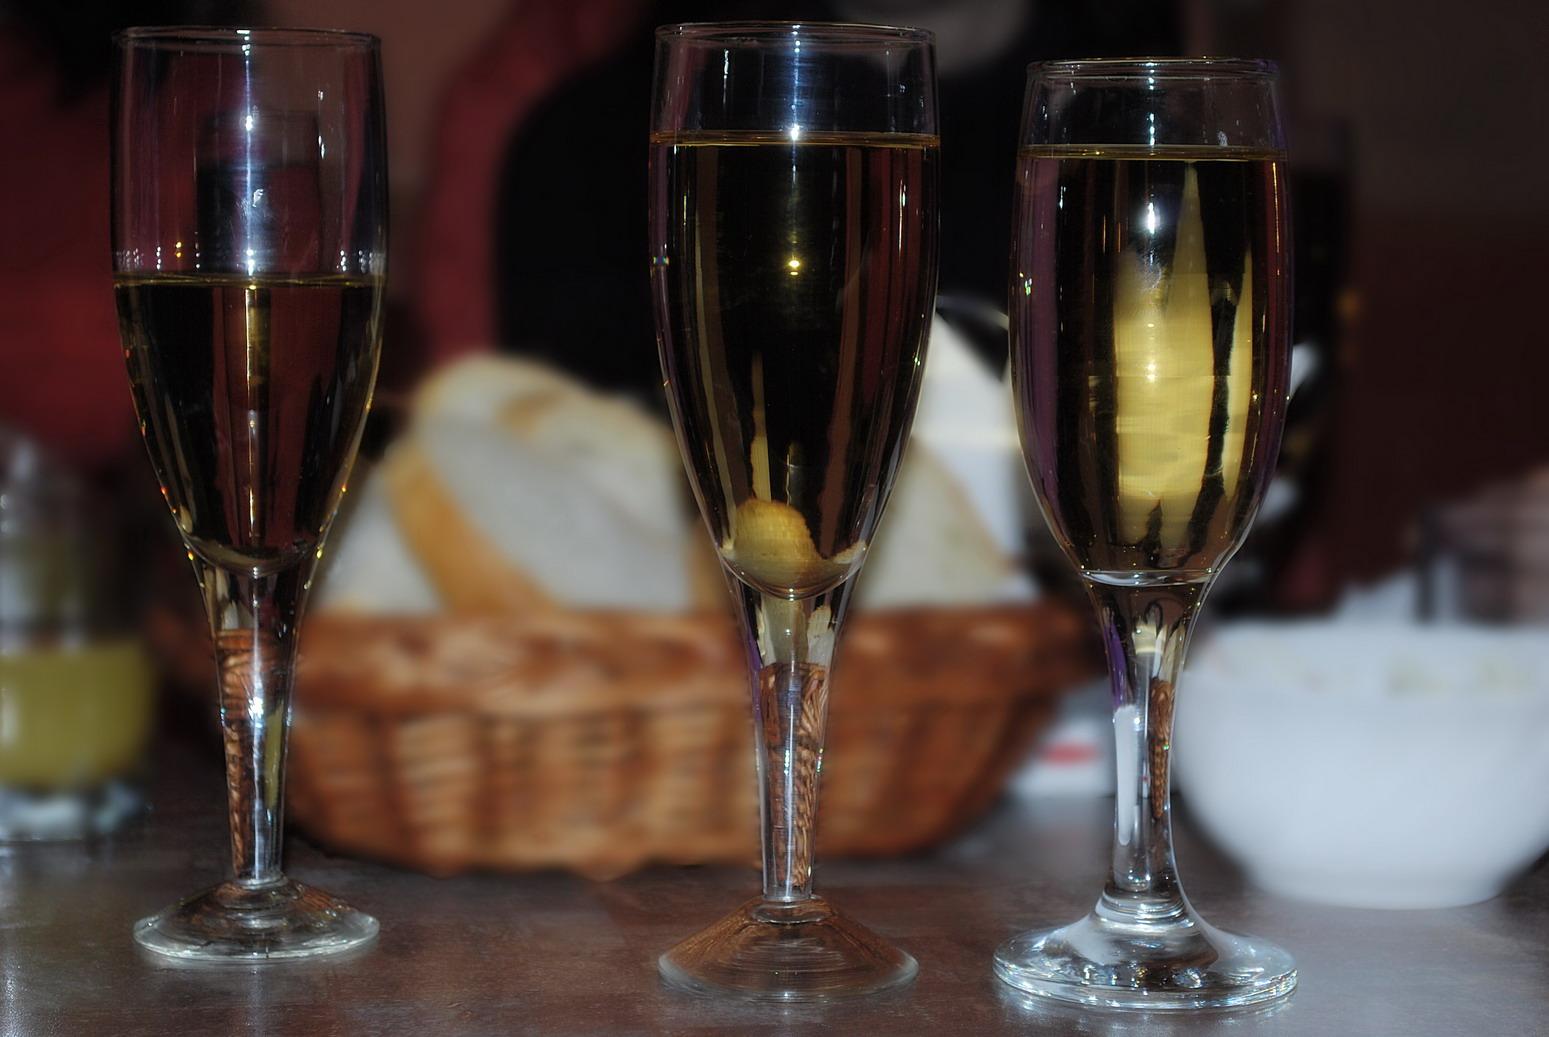 Надмірне вживання алкоголю шкодить здоров'ю